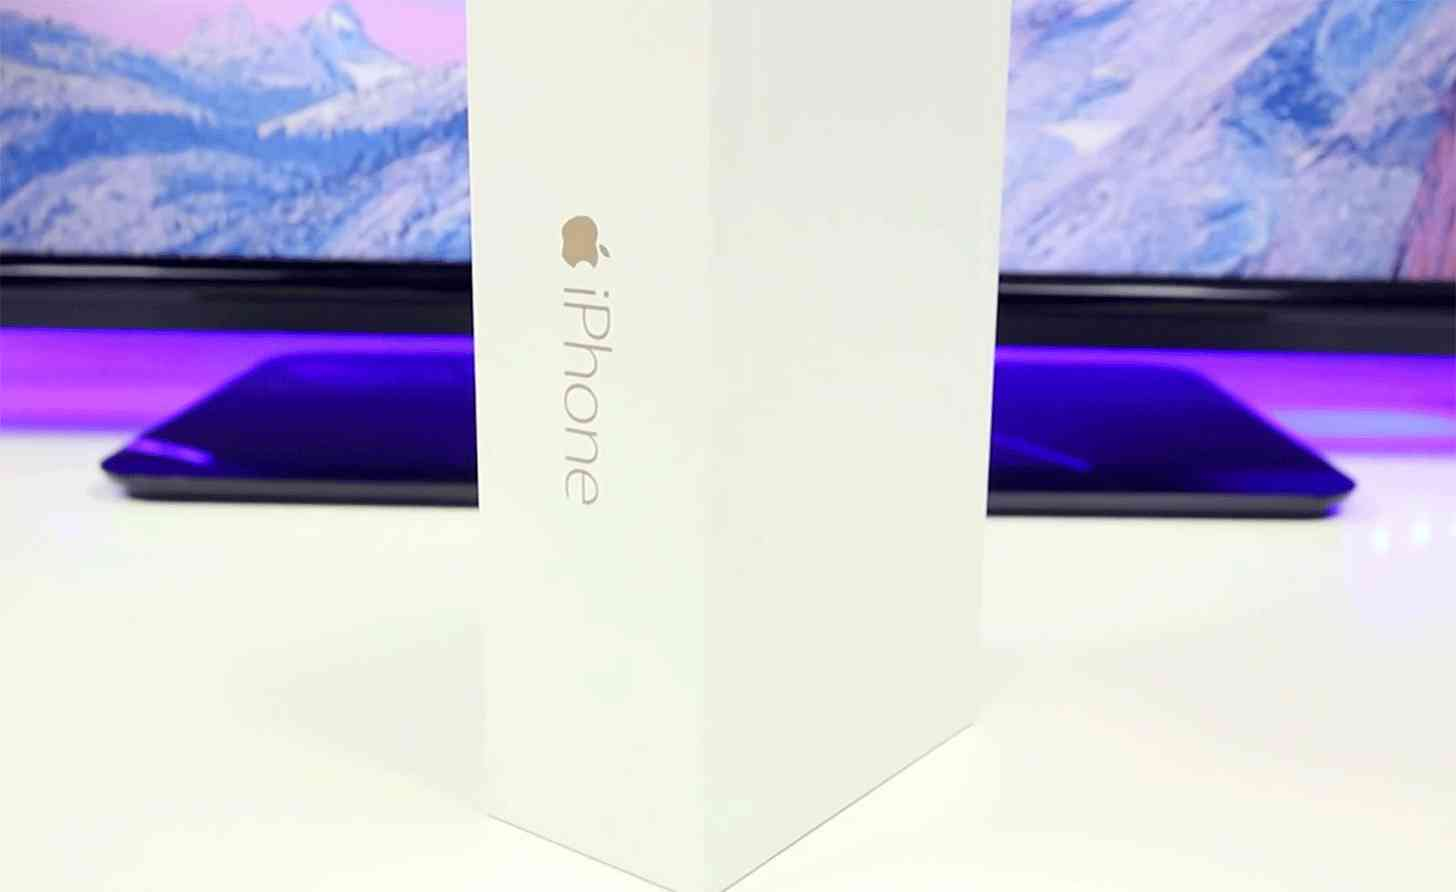 iPhone 6 packaging